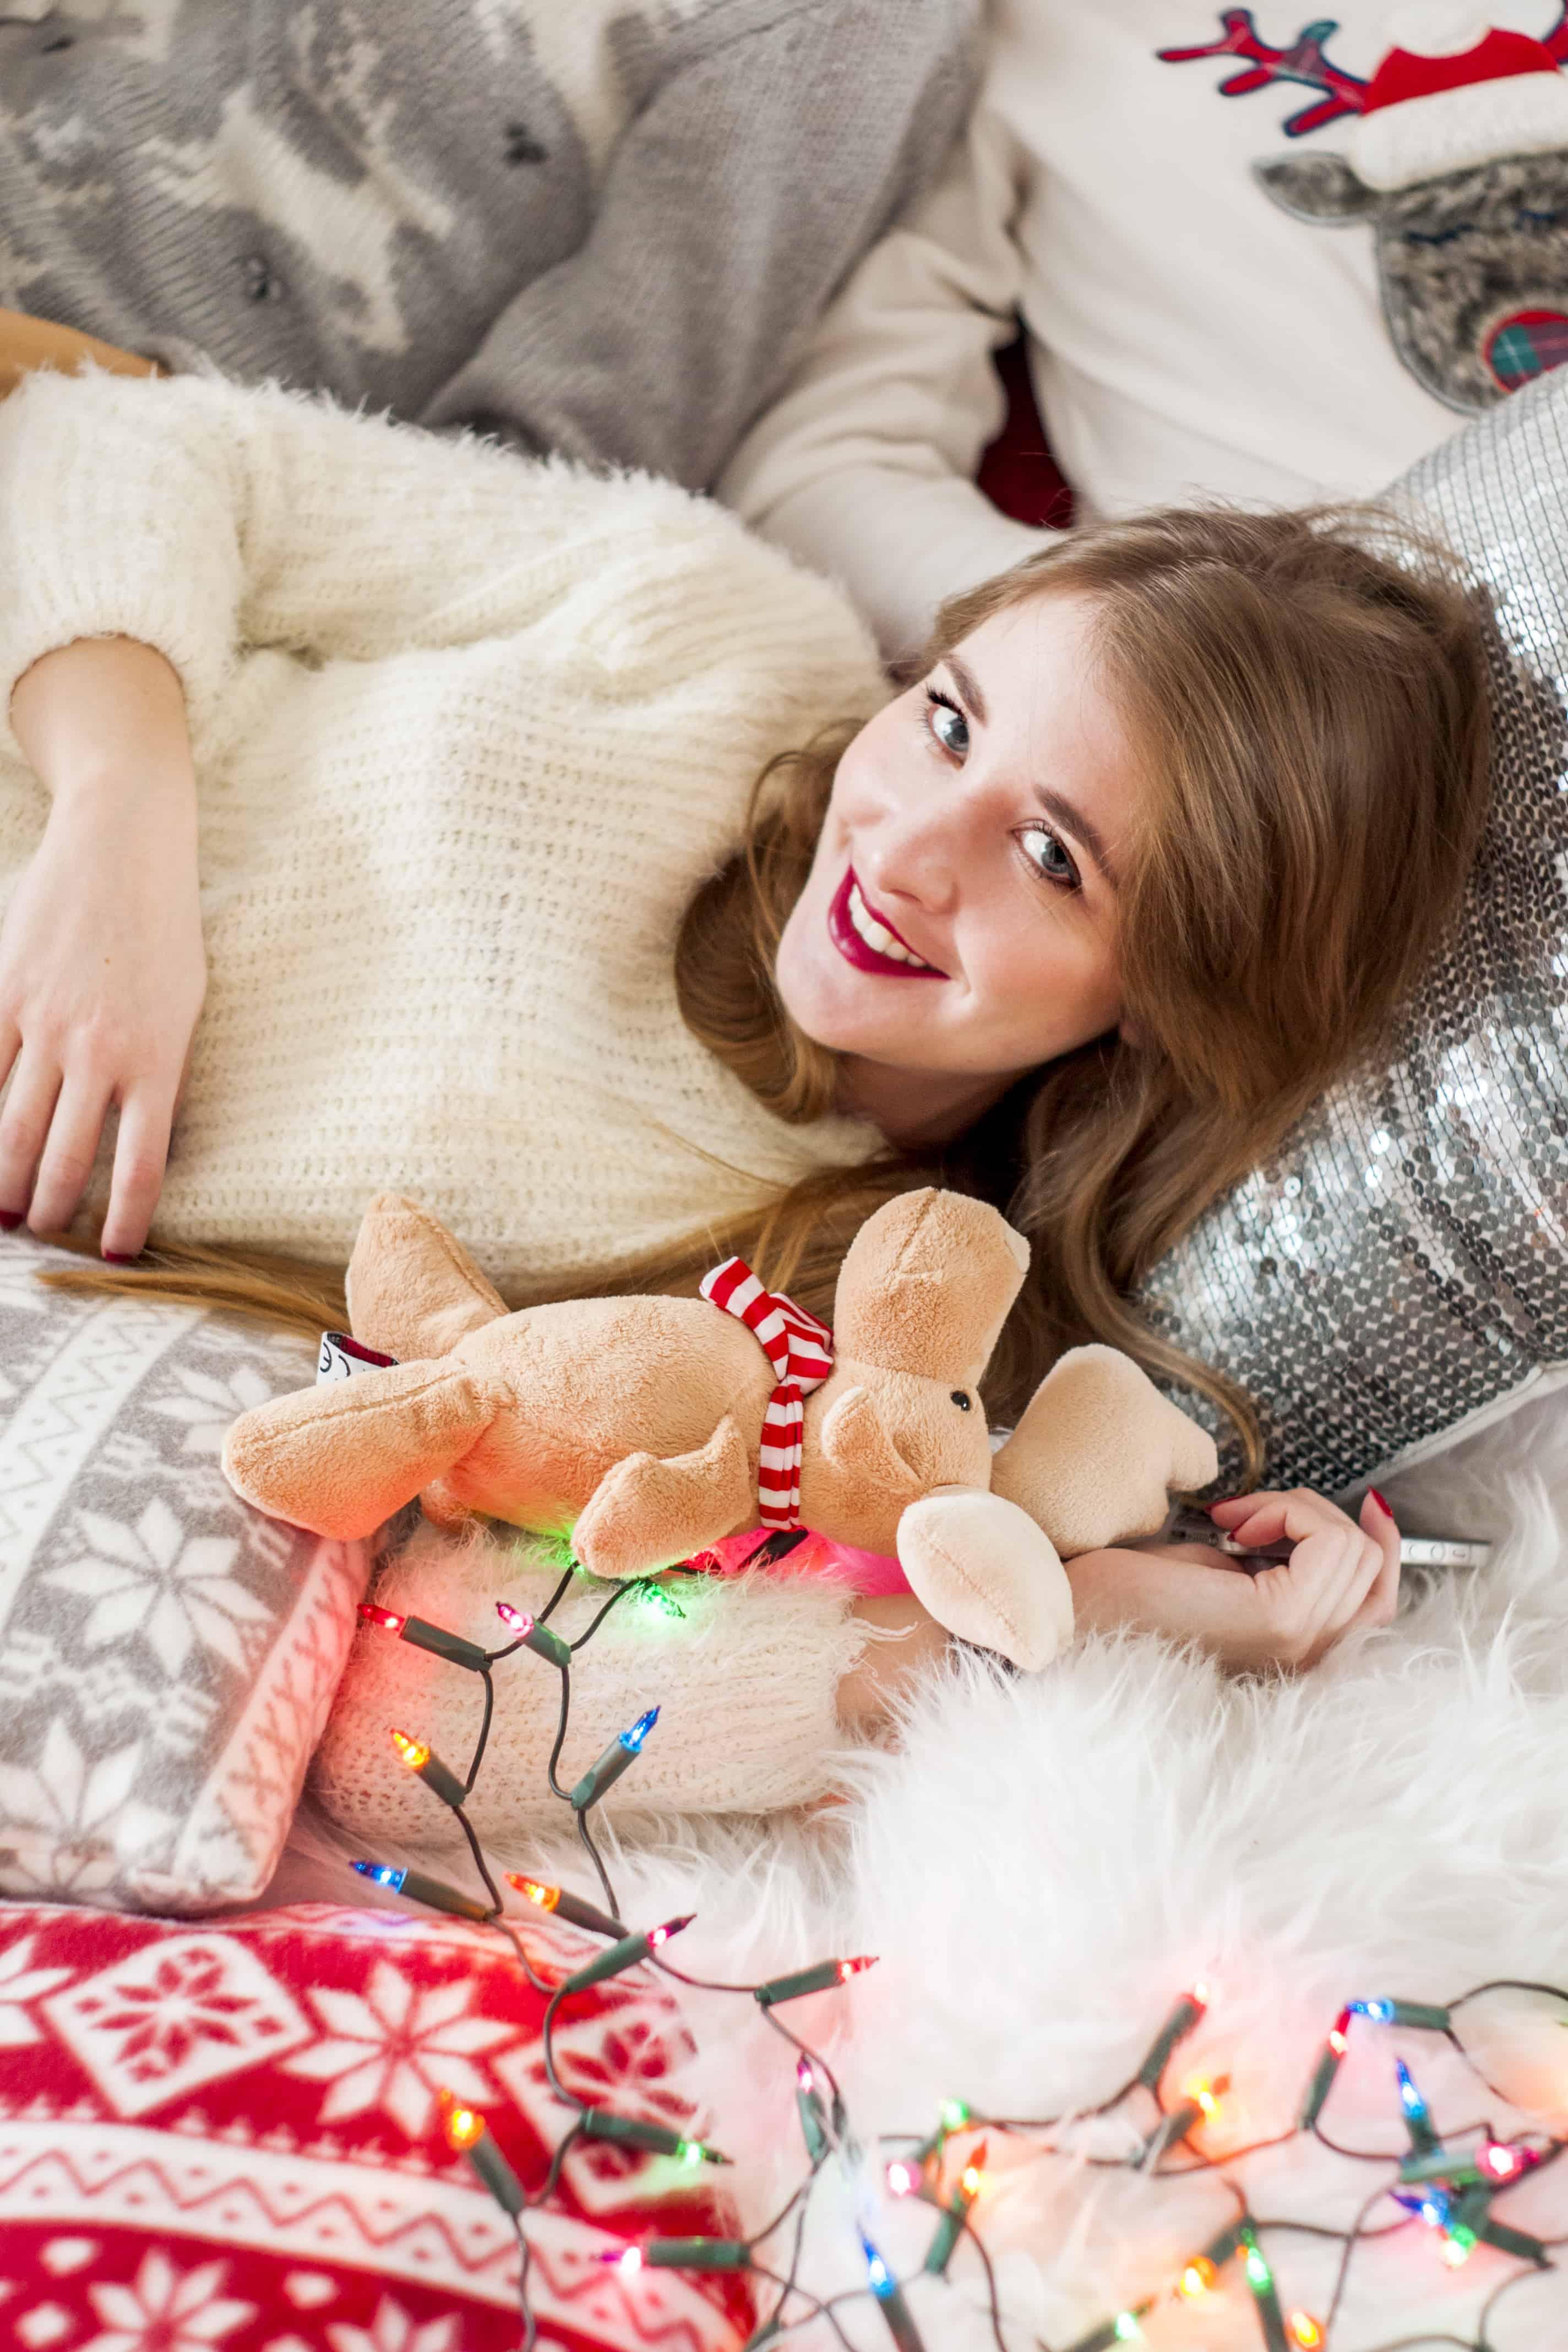 Na czym polega Magia Świąt? Świąteczne życzenia od blogerek!